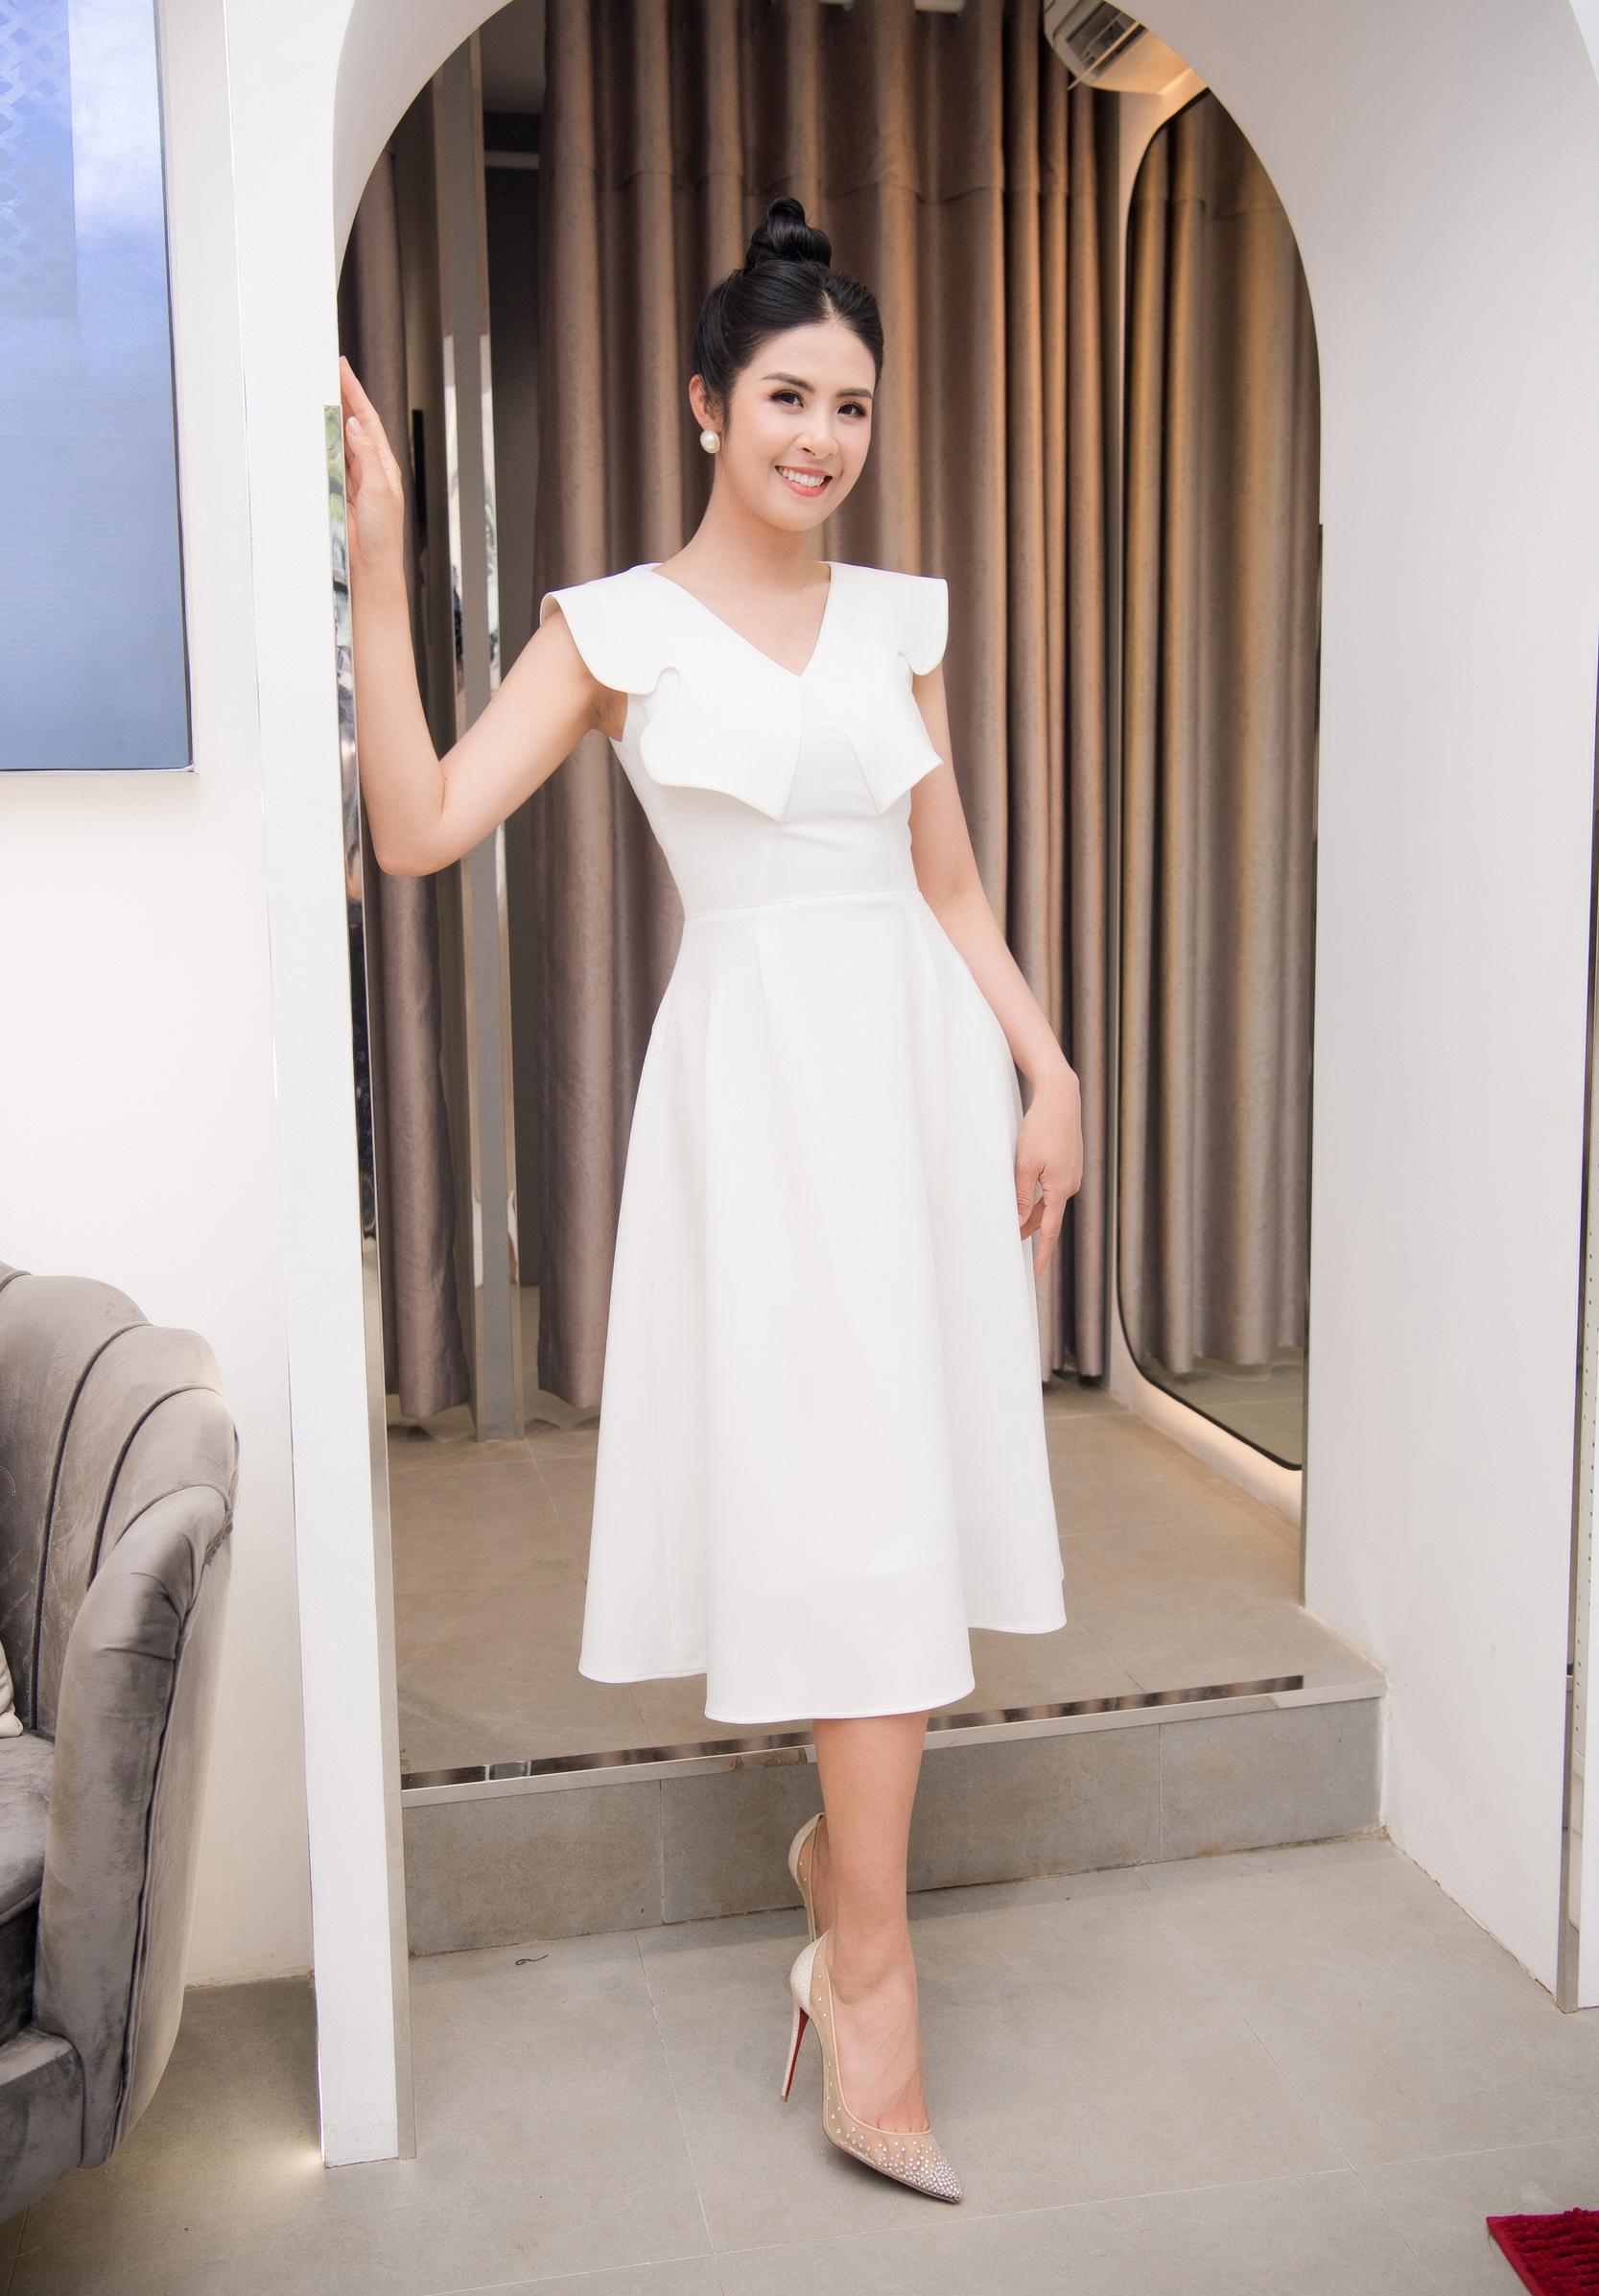 Hoa hậu Ngọc Hân sang trọng bên siêu mẫu Đình Quyền